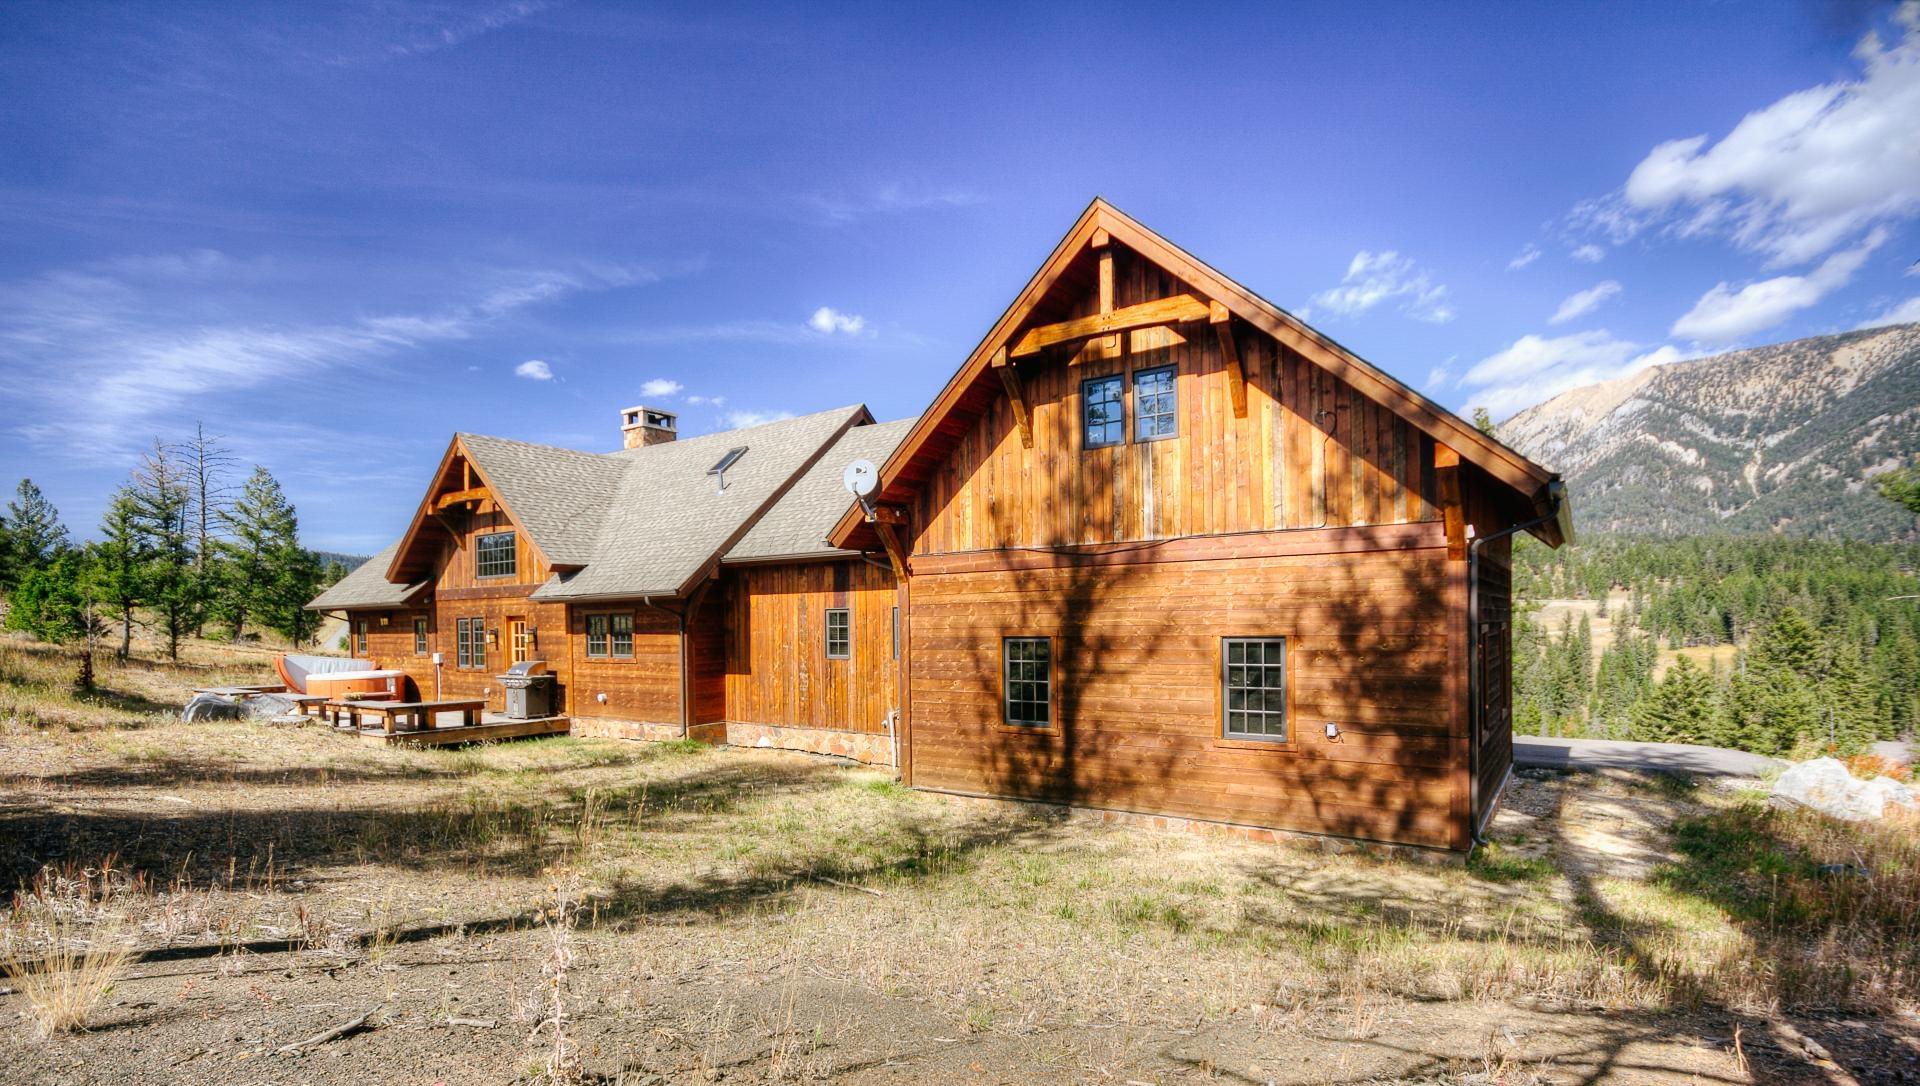 - Antler Ridge Lodge - Image 1/48